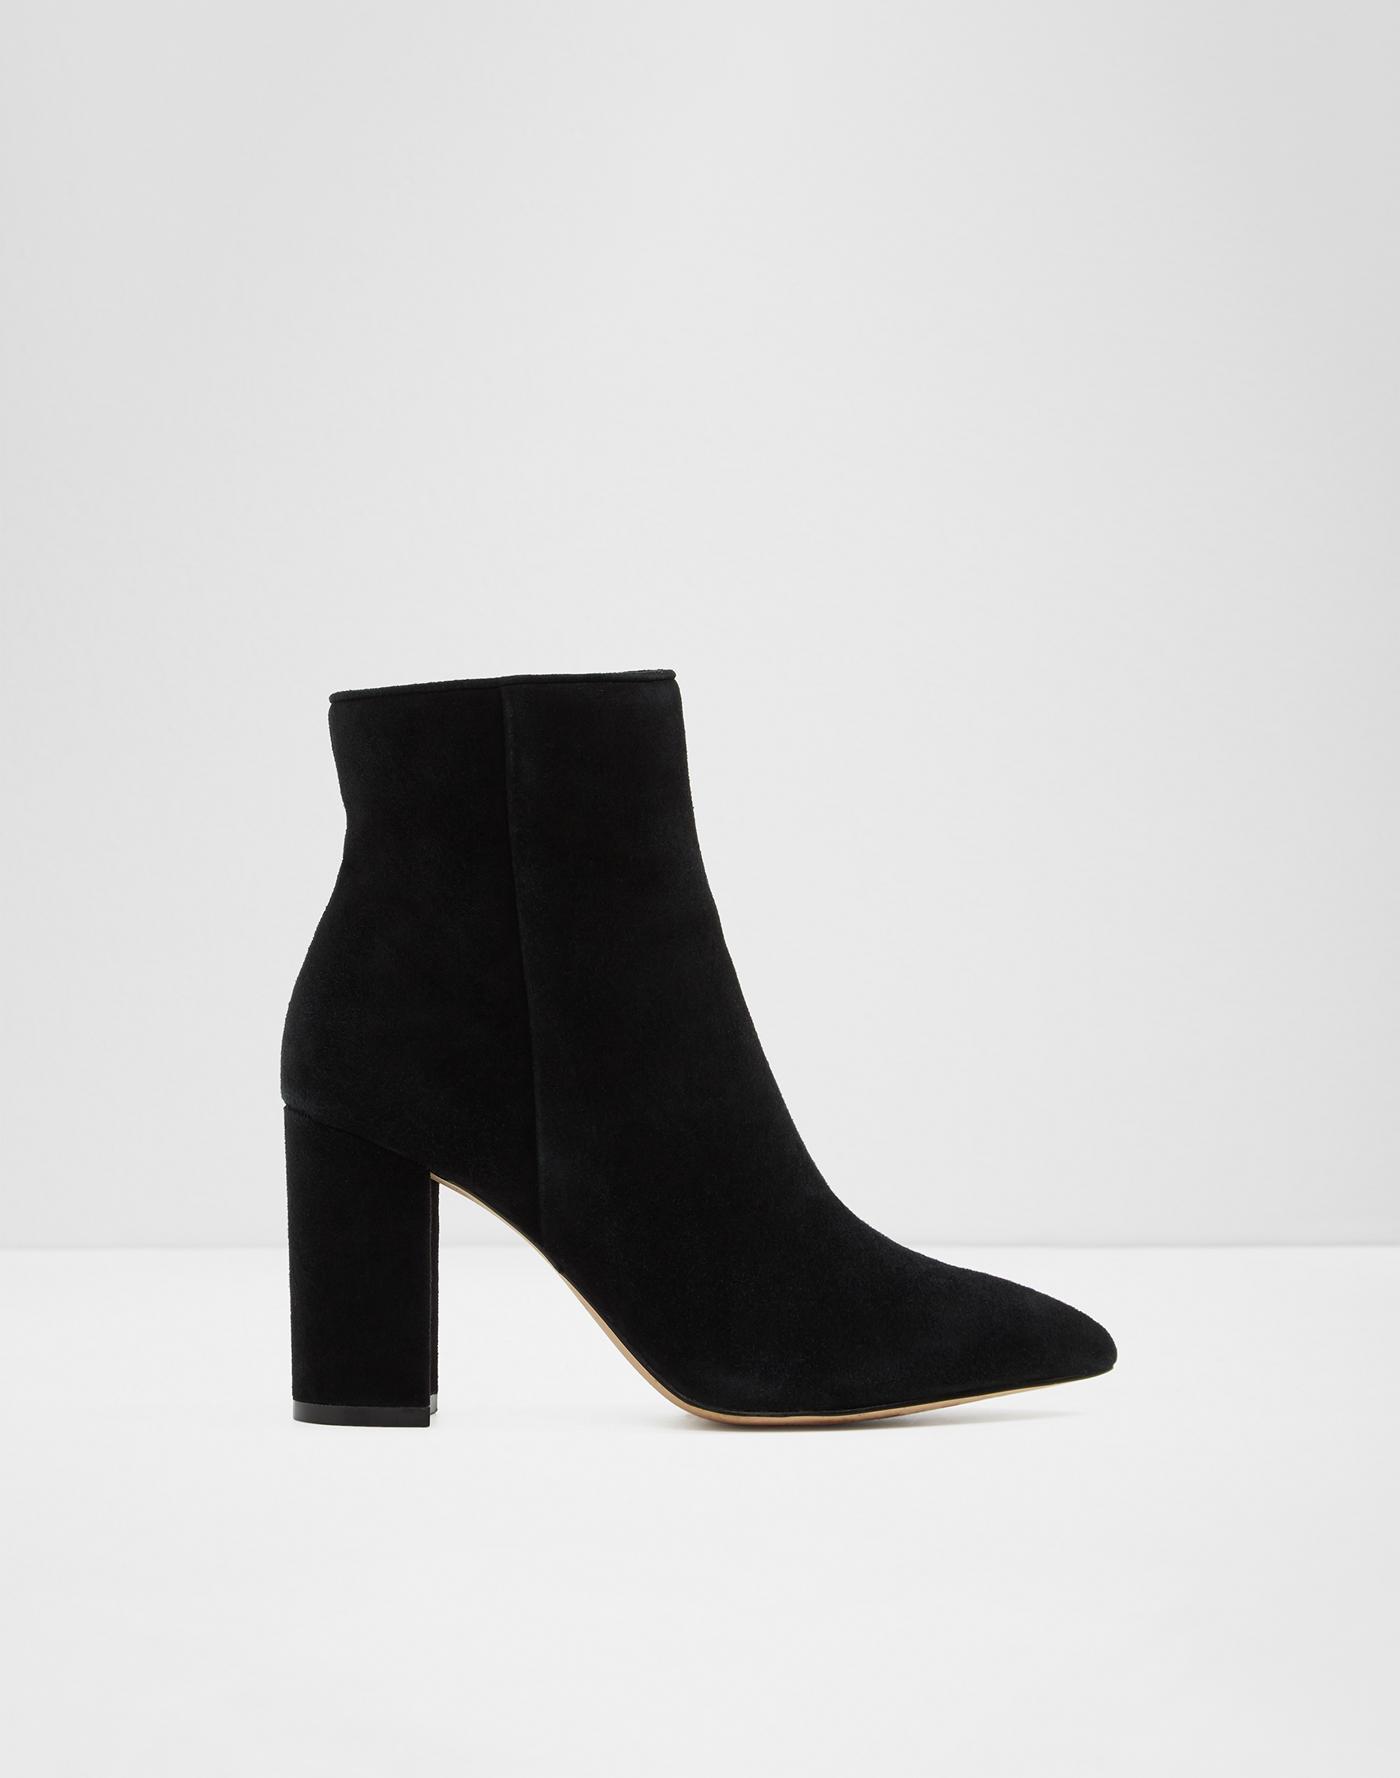 Women's Shoes Outlet | ALDO US